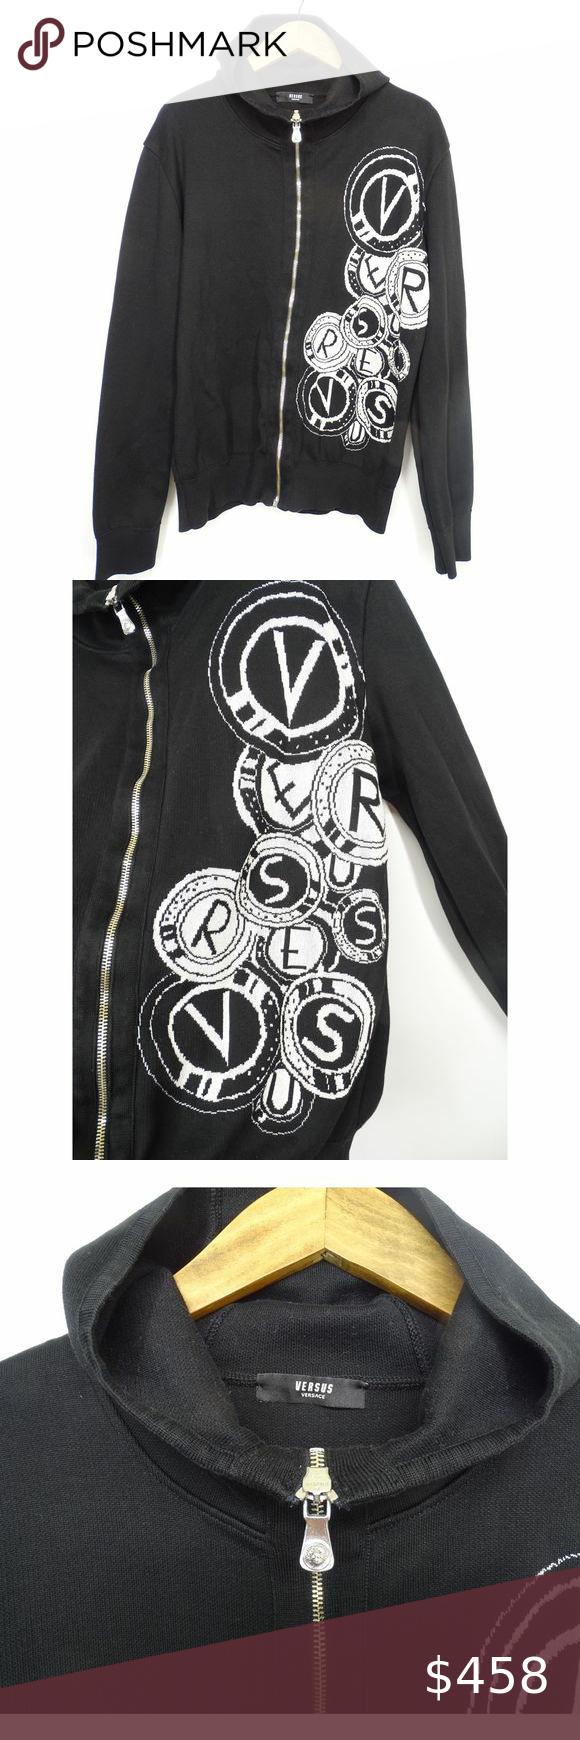 Versace Zip Front Logo Embossed Hoodie Sweatshirt Gianni Versace Zip Front Logo Embossed Hoodie Sweatshirt Like New Co Sweatshirts Hoodie Versace Versace Logo